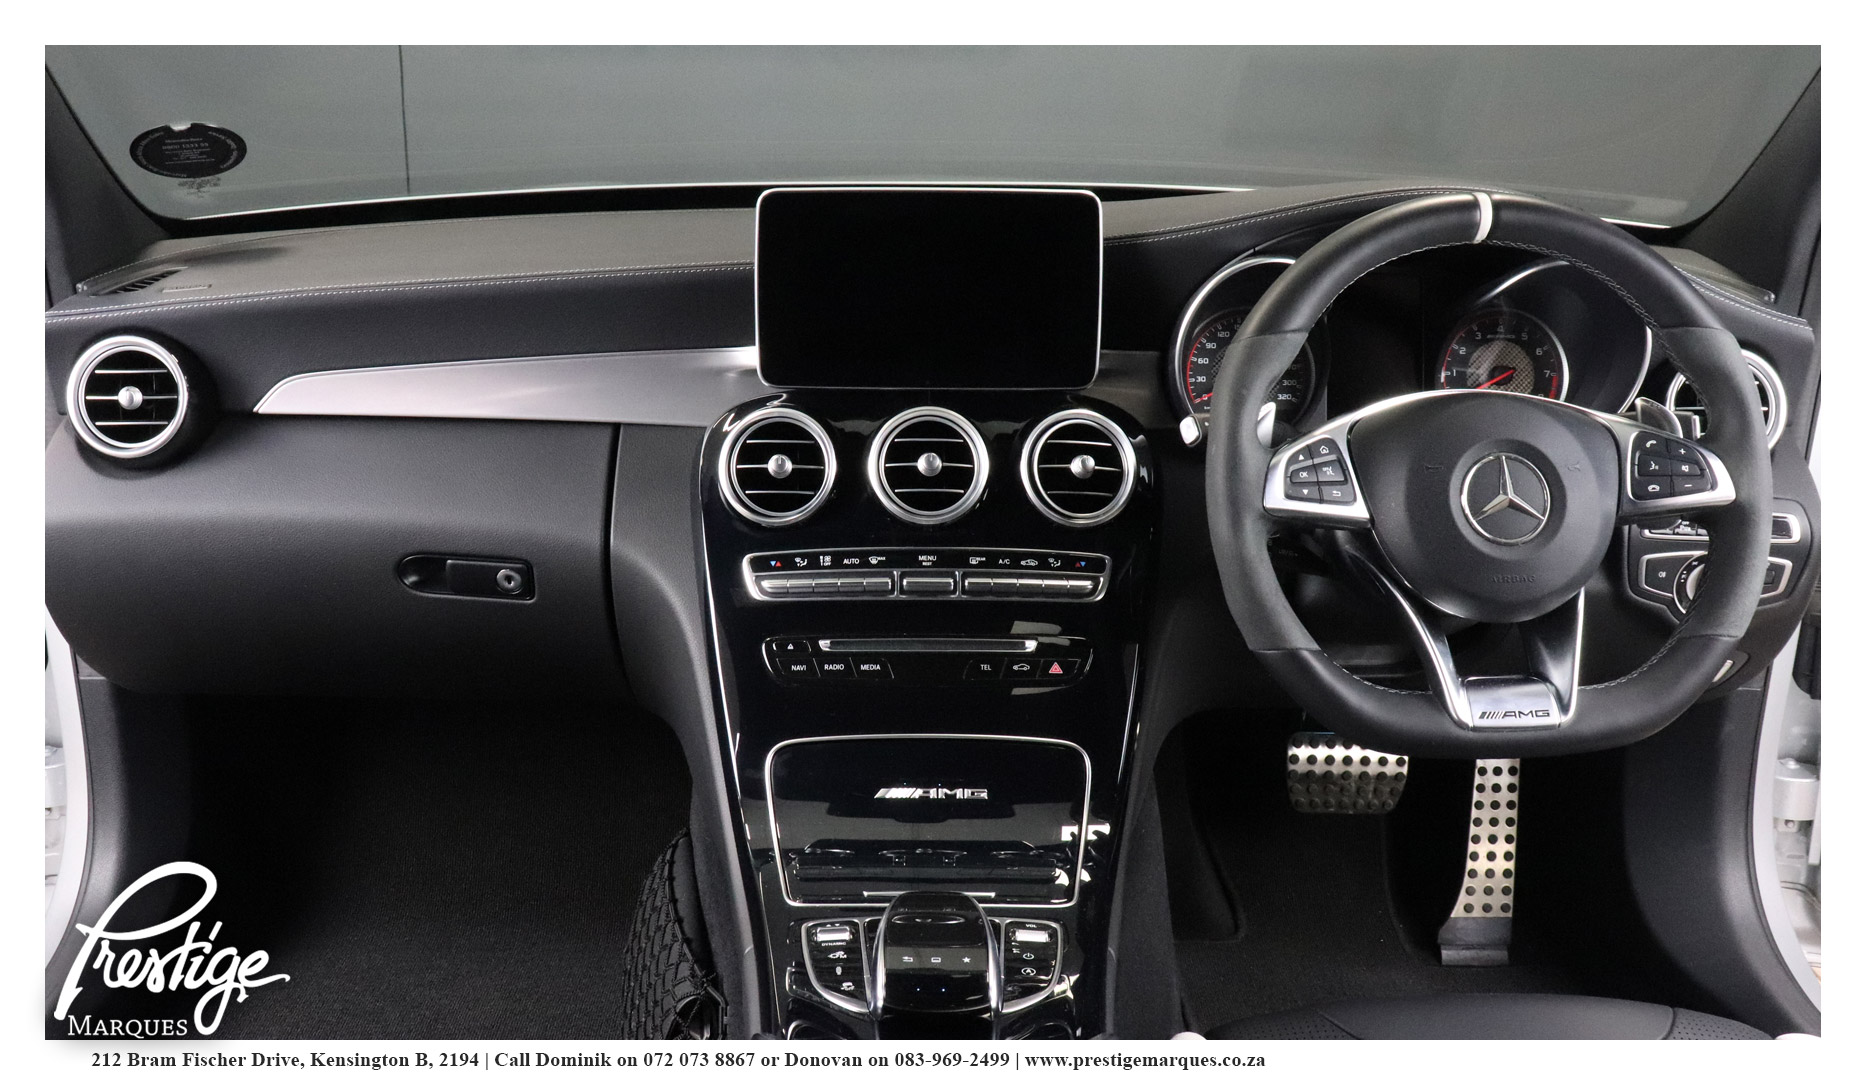 Mercedes-Benz-C63s-AMG-Prestige-Marques-15